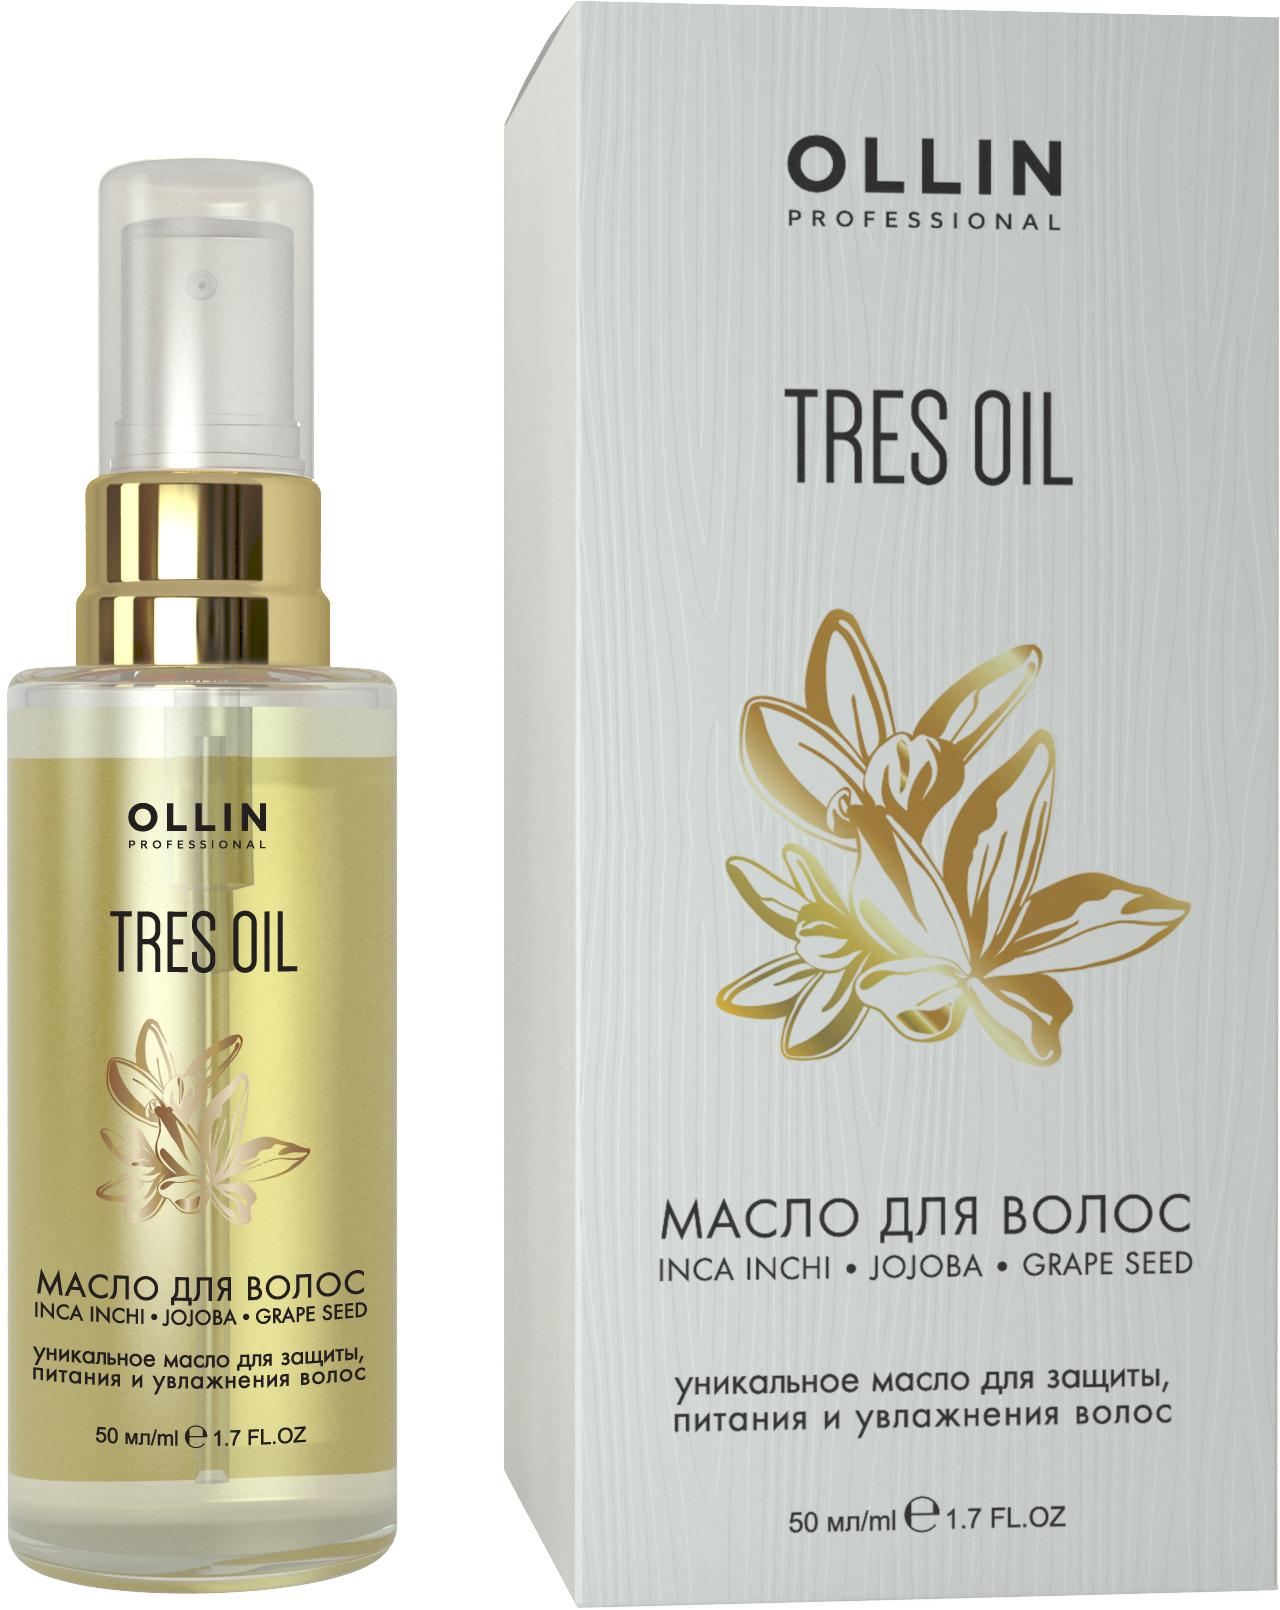 Ollin Tres OИзраиль - Масло для защиты, питания и увлажнения волос 50 мл масло ollin professional tres oil